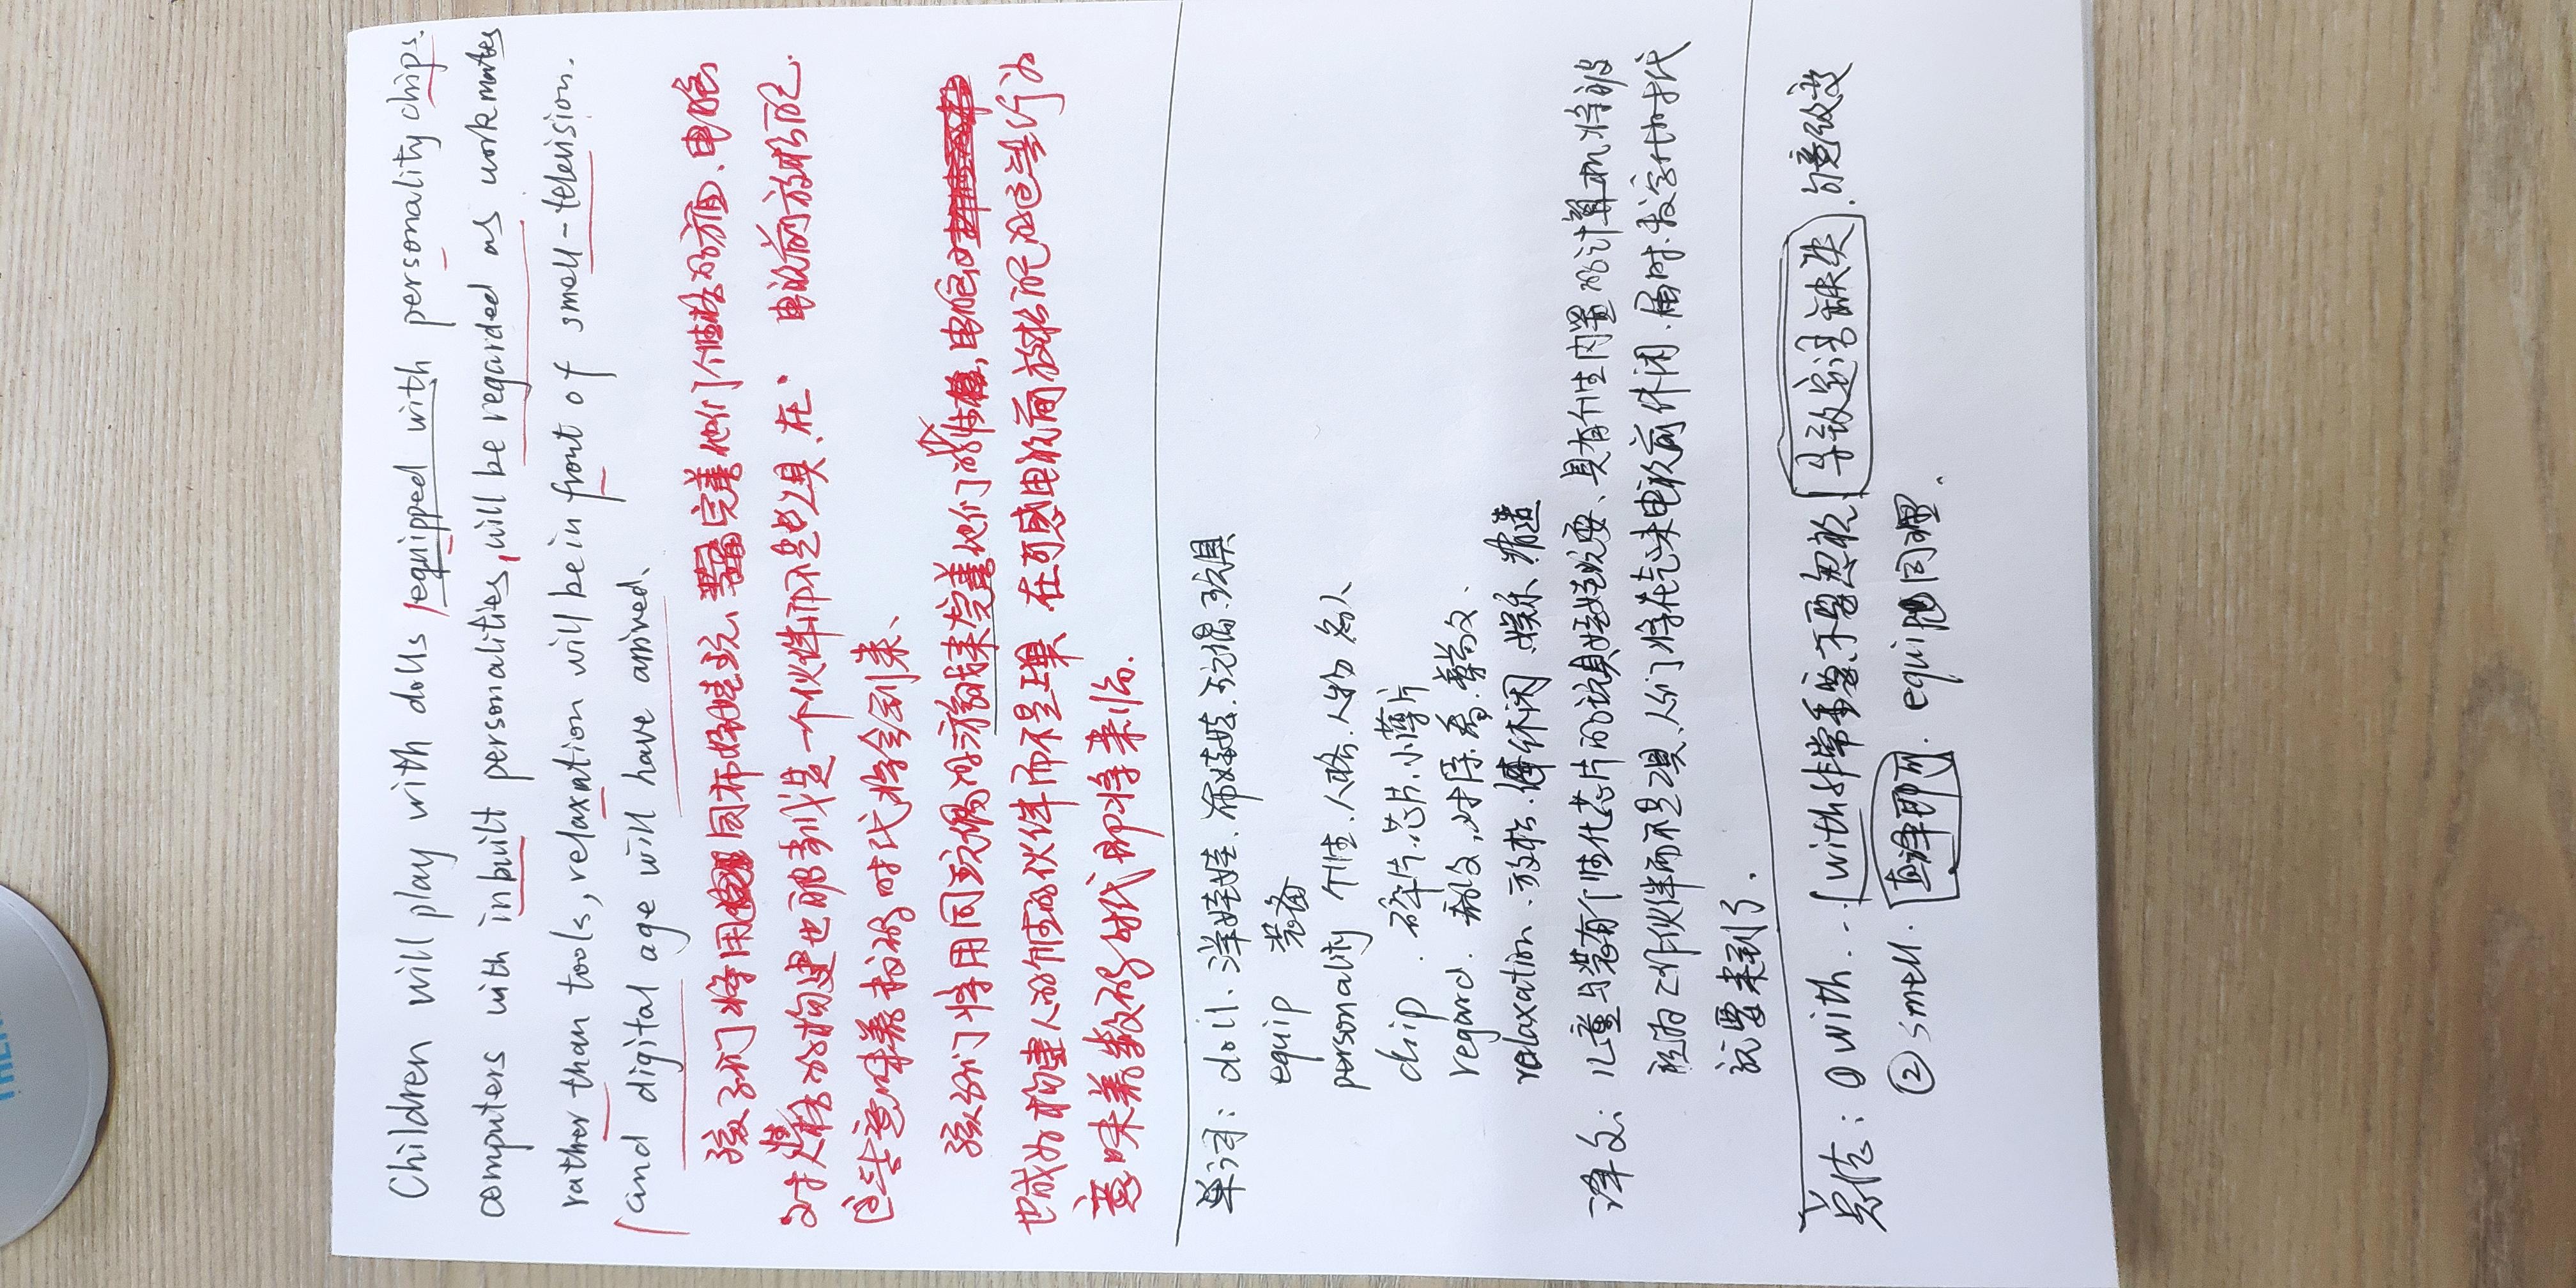 http://wenyan.me/uploads/answer/20201022/852d15902a0761ad329d5950e85b3636.jpg